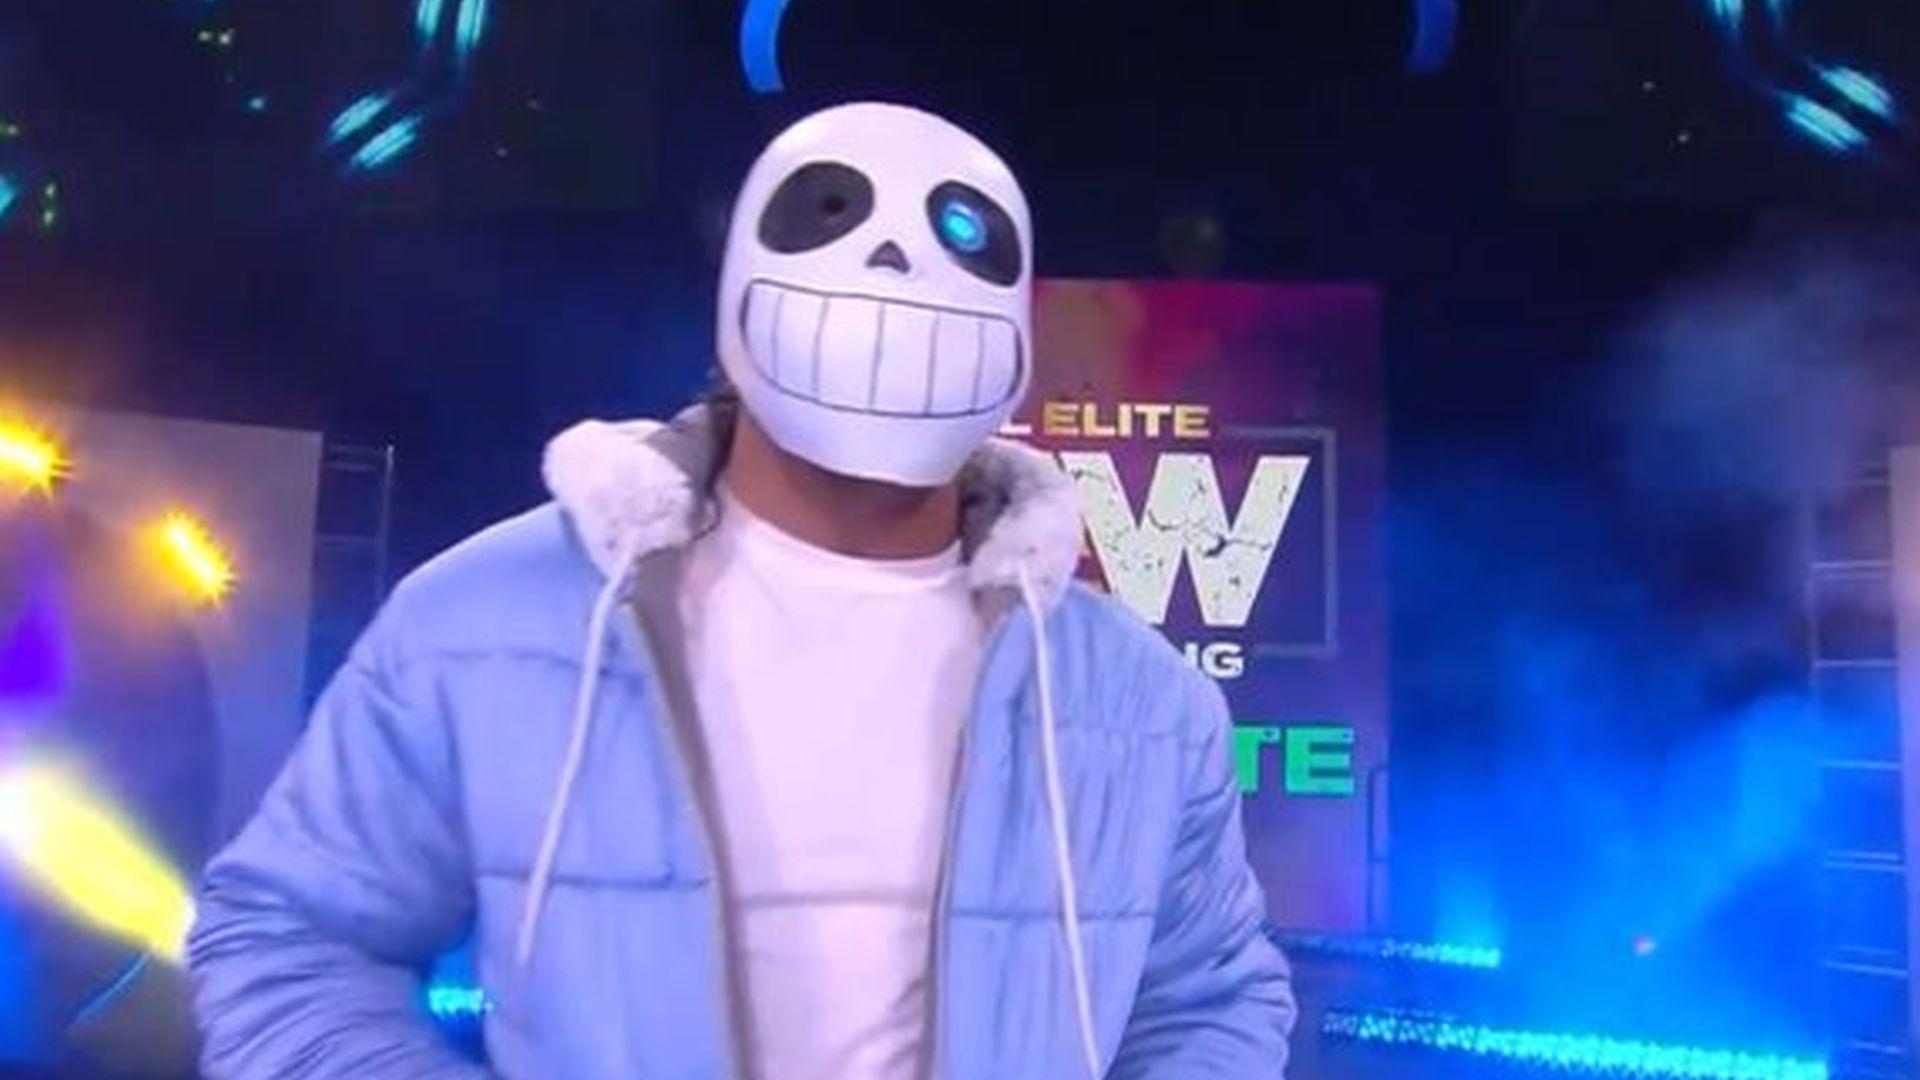 All Elite Wrestling / TNT